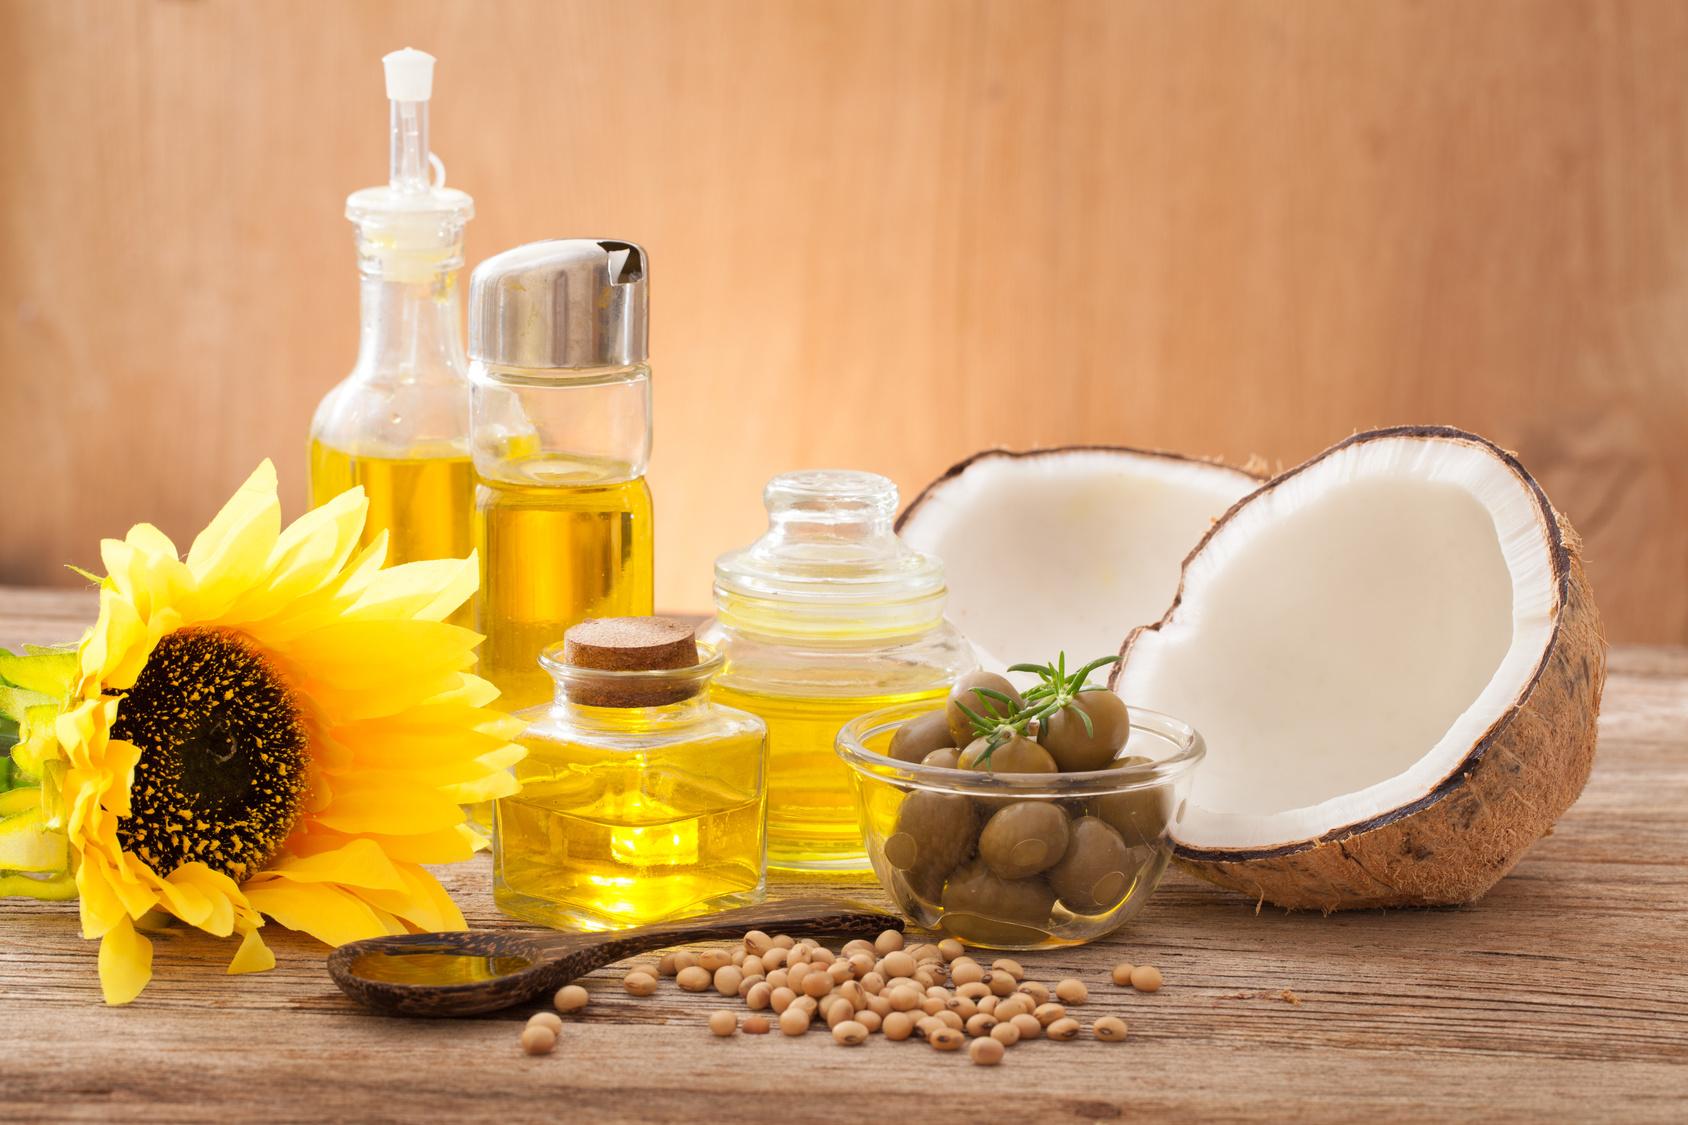 Comment bien choisir son huile végétale pour la cuisine ?